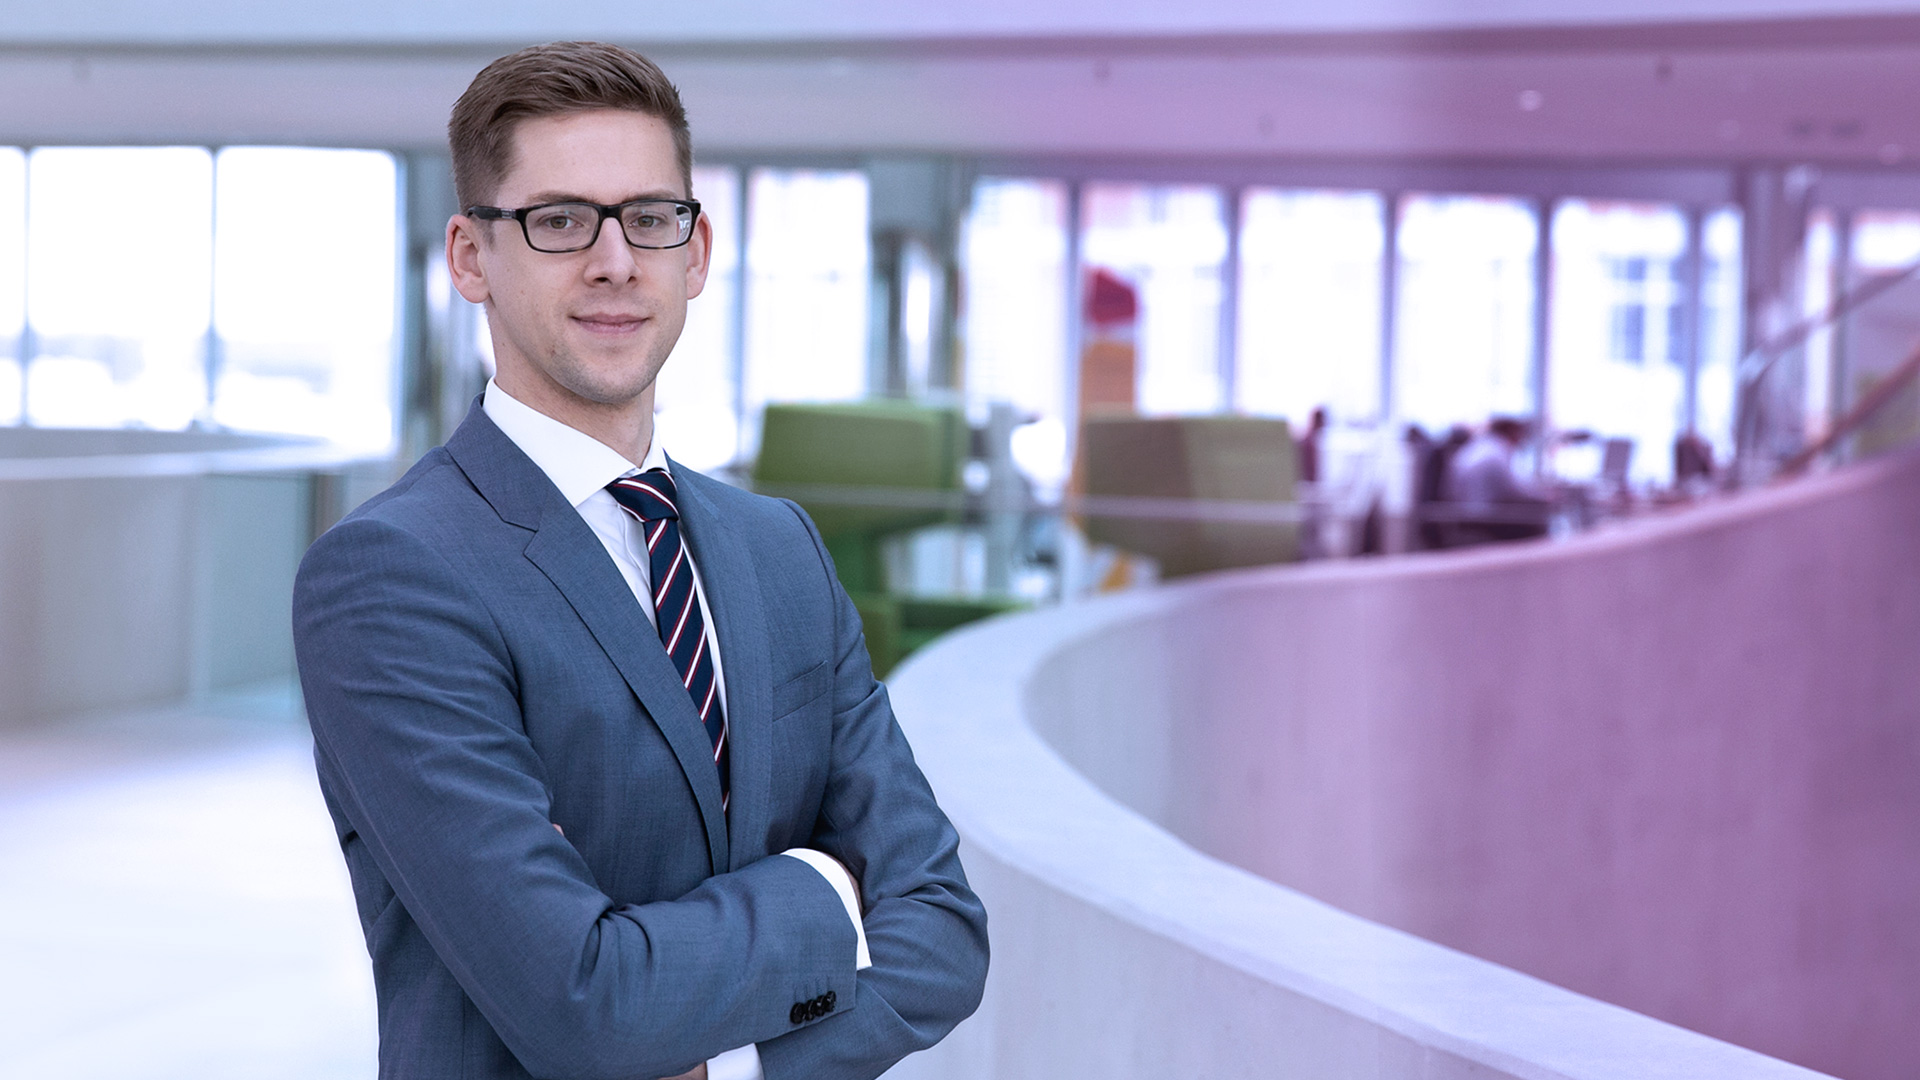 Alexander Prinz Merck Consultant